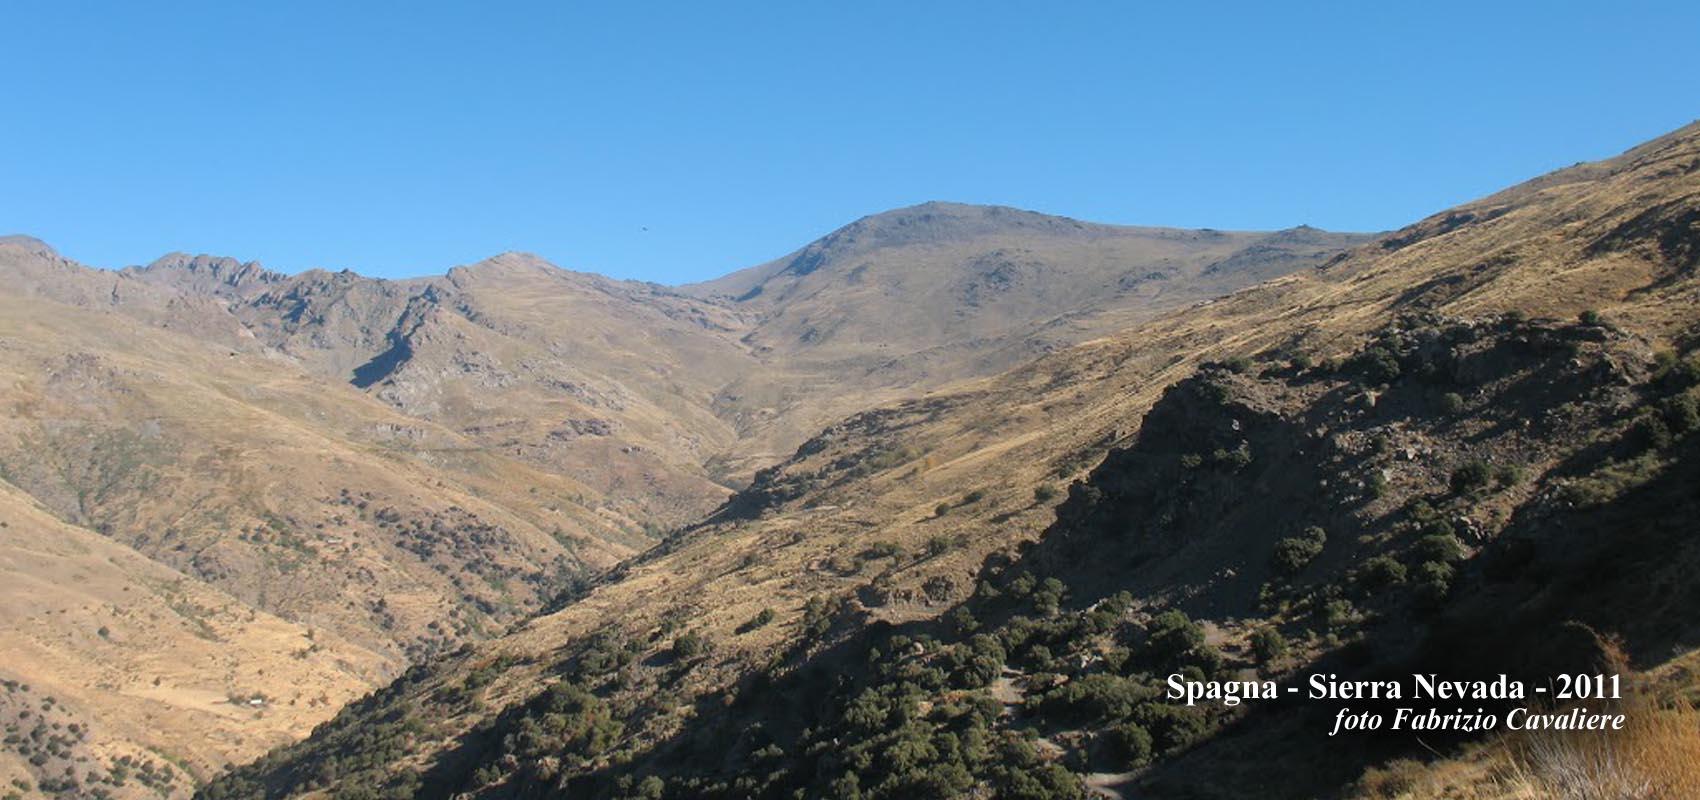 Spagna, Sierra Nevada - 2011